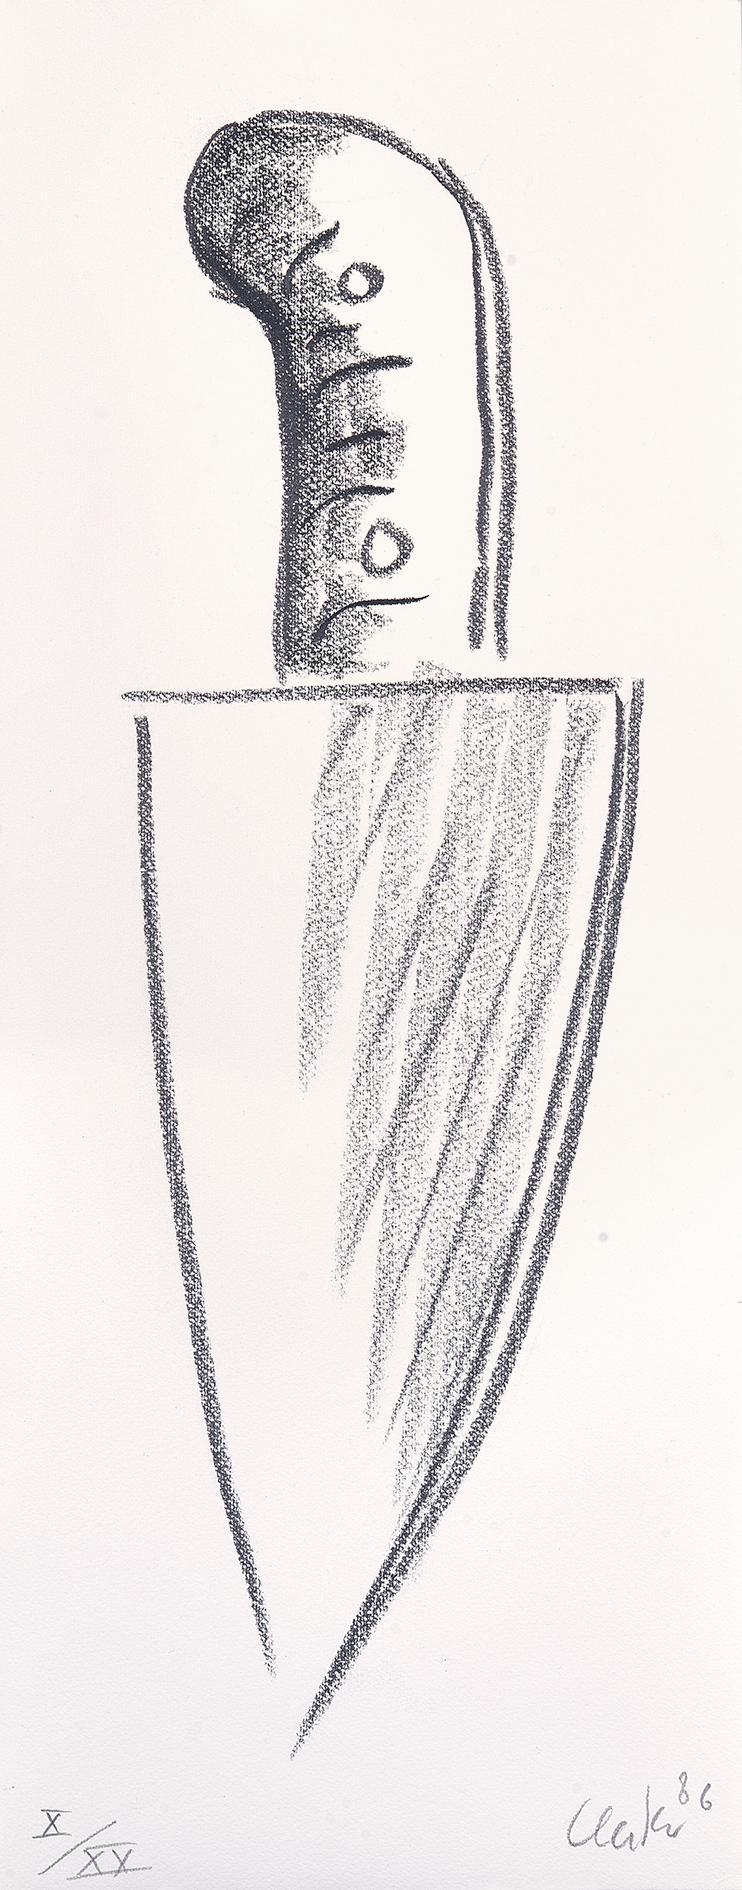 Uecker Günther, Book. Muttermord in der Diamantenwüste